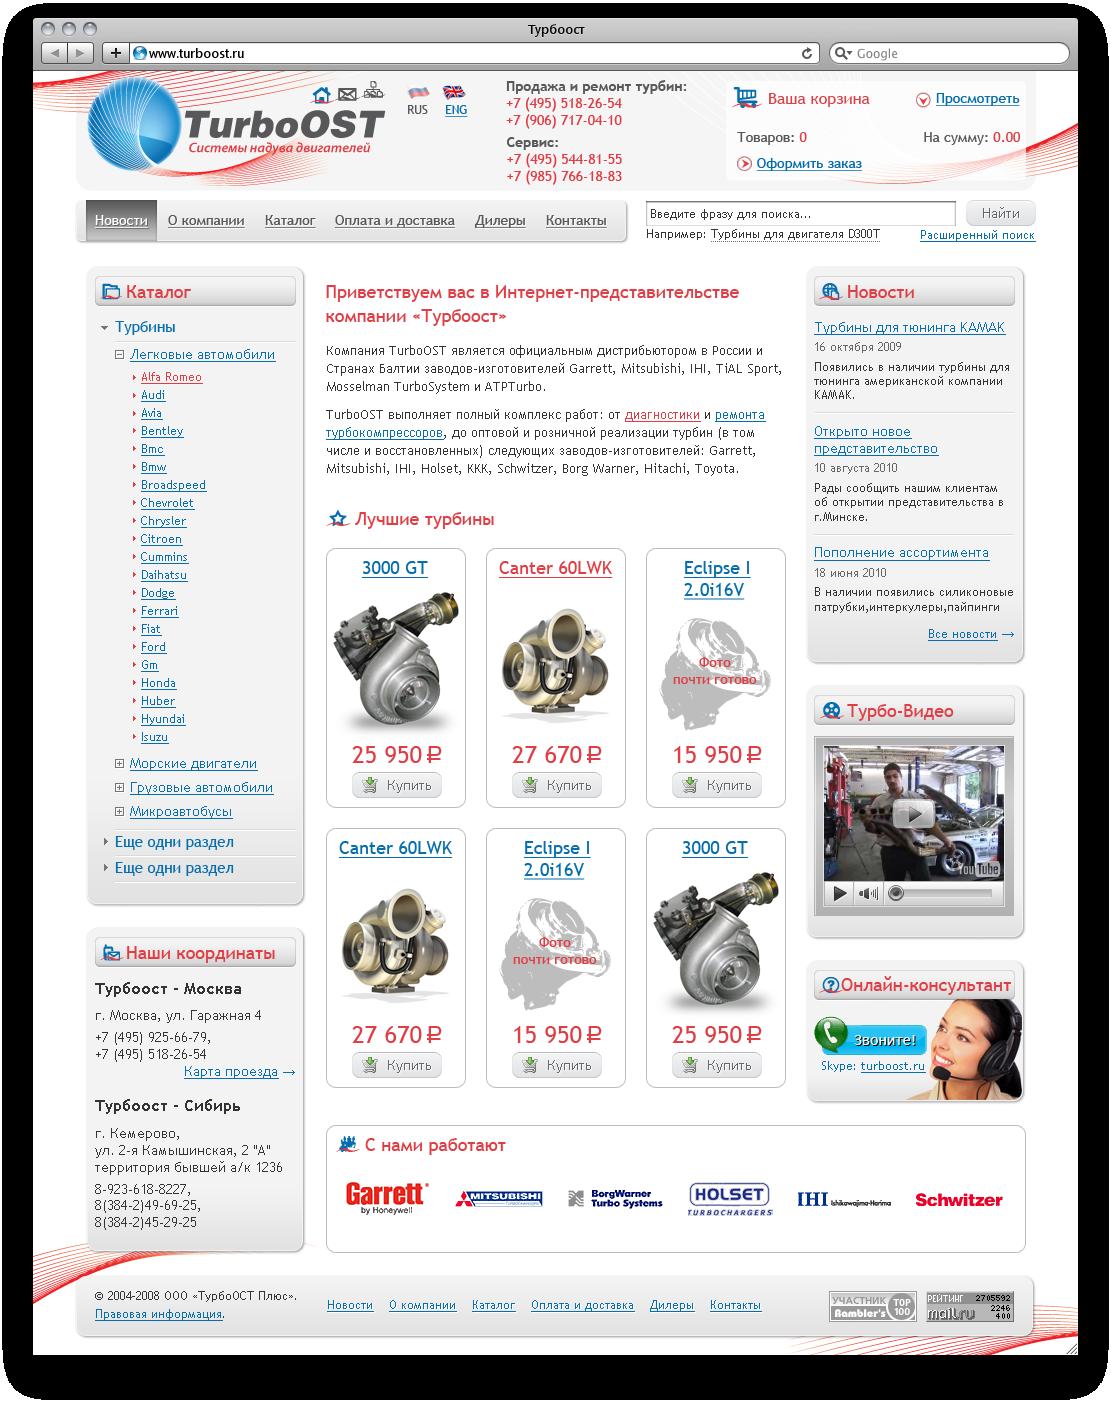 Интернет-магазин турбокомпрессоров